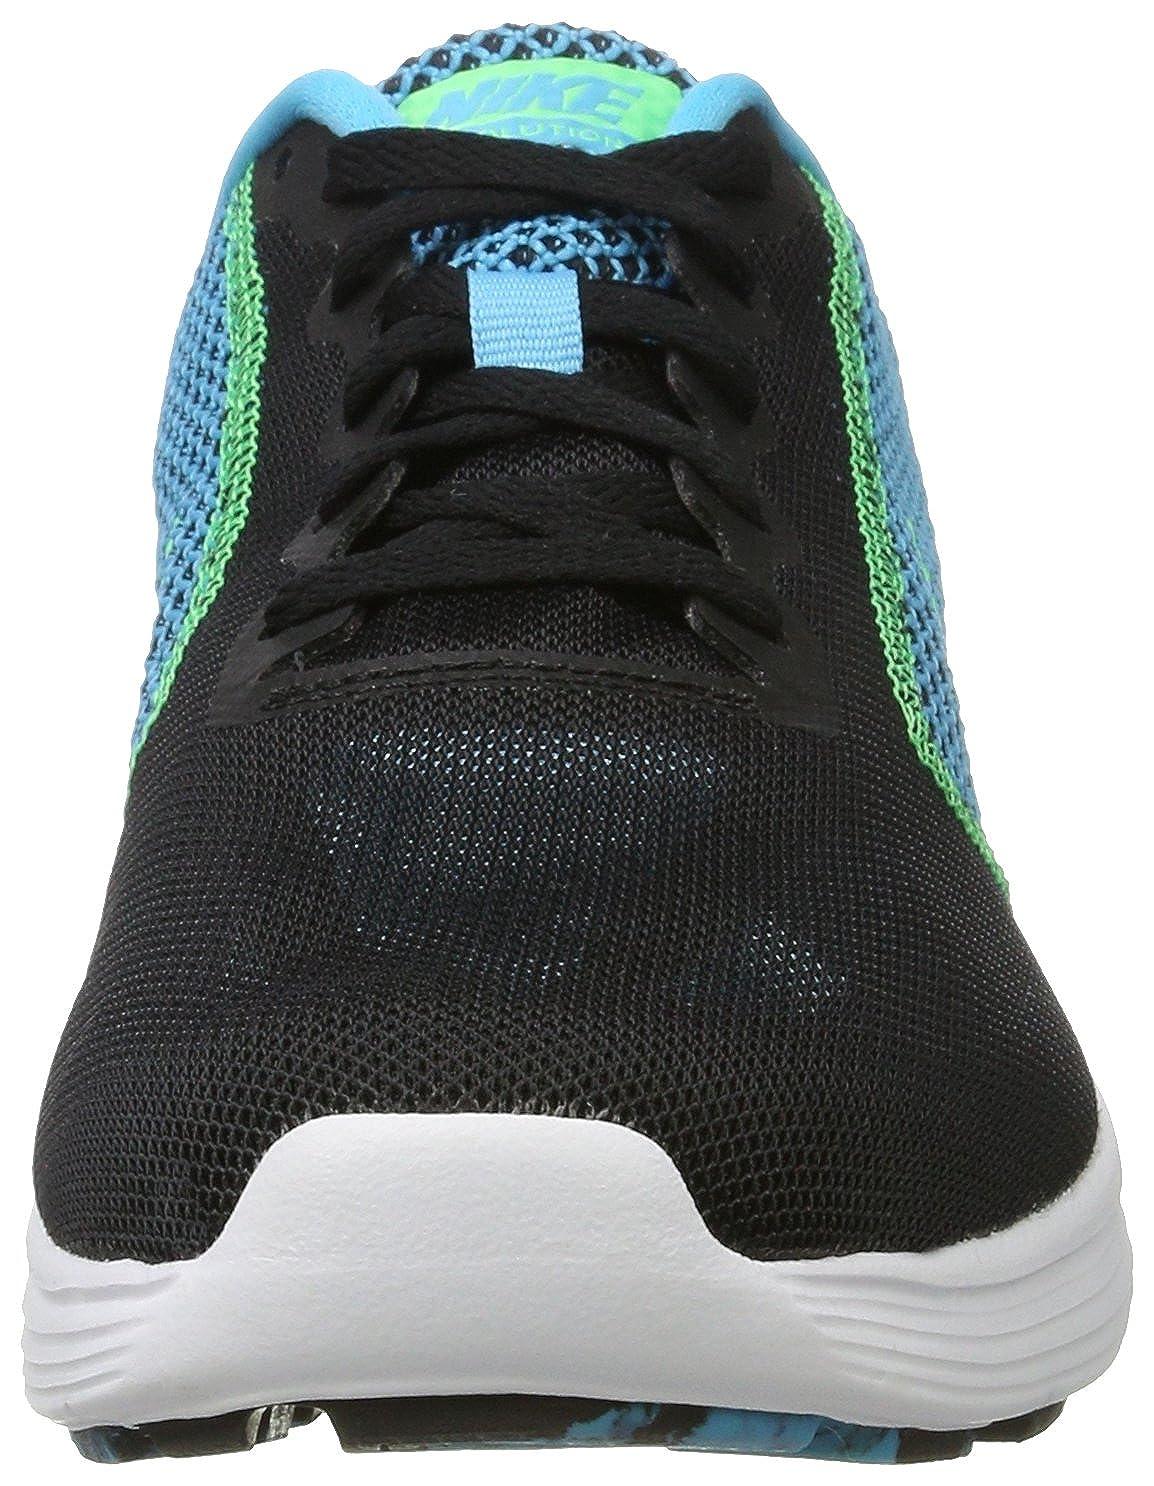 dcc467d4d599 Nike Men s s Revolution 3 Running Shoes  Amazon.co.uk  Shoes   Bags